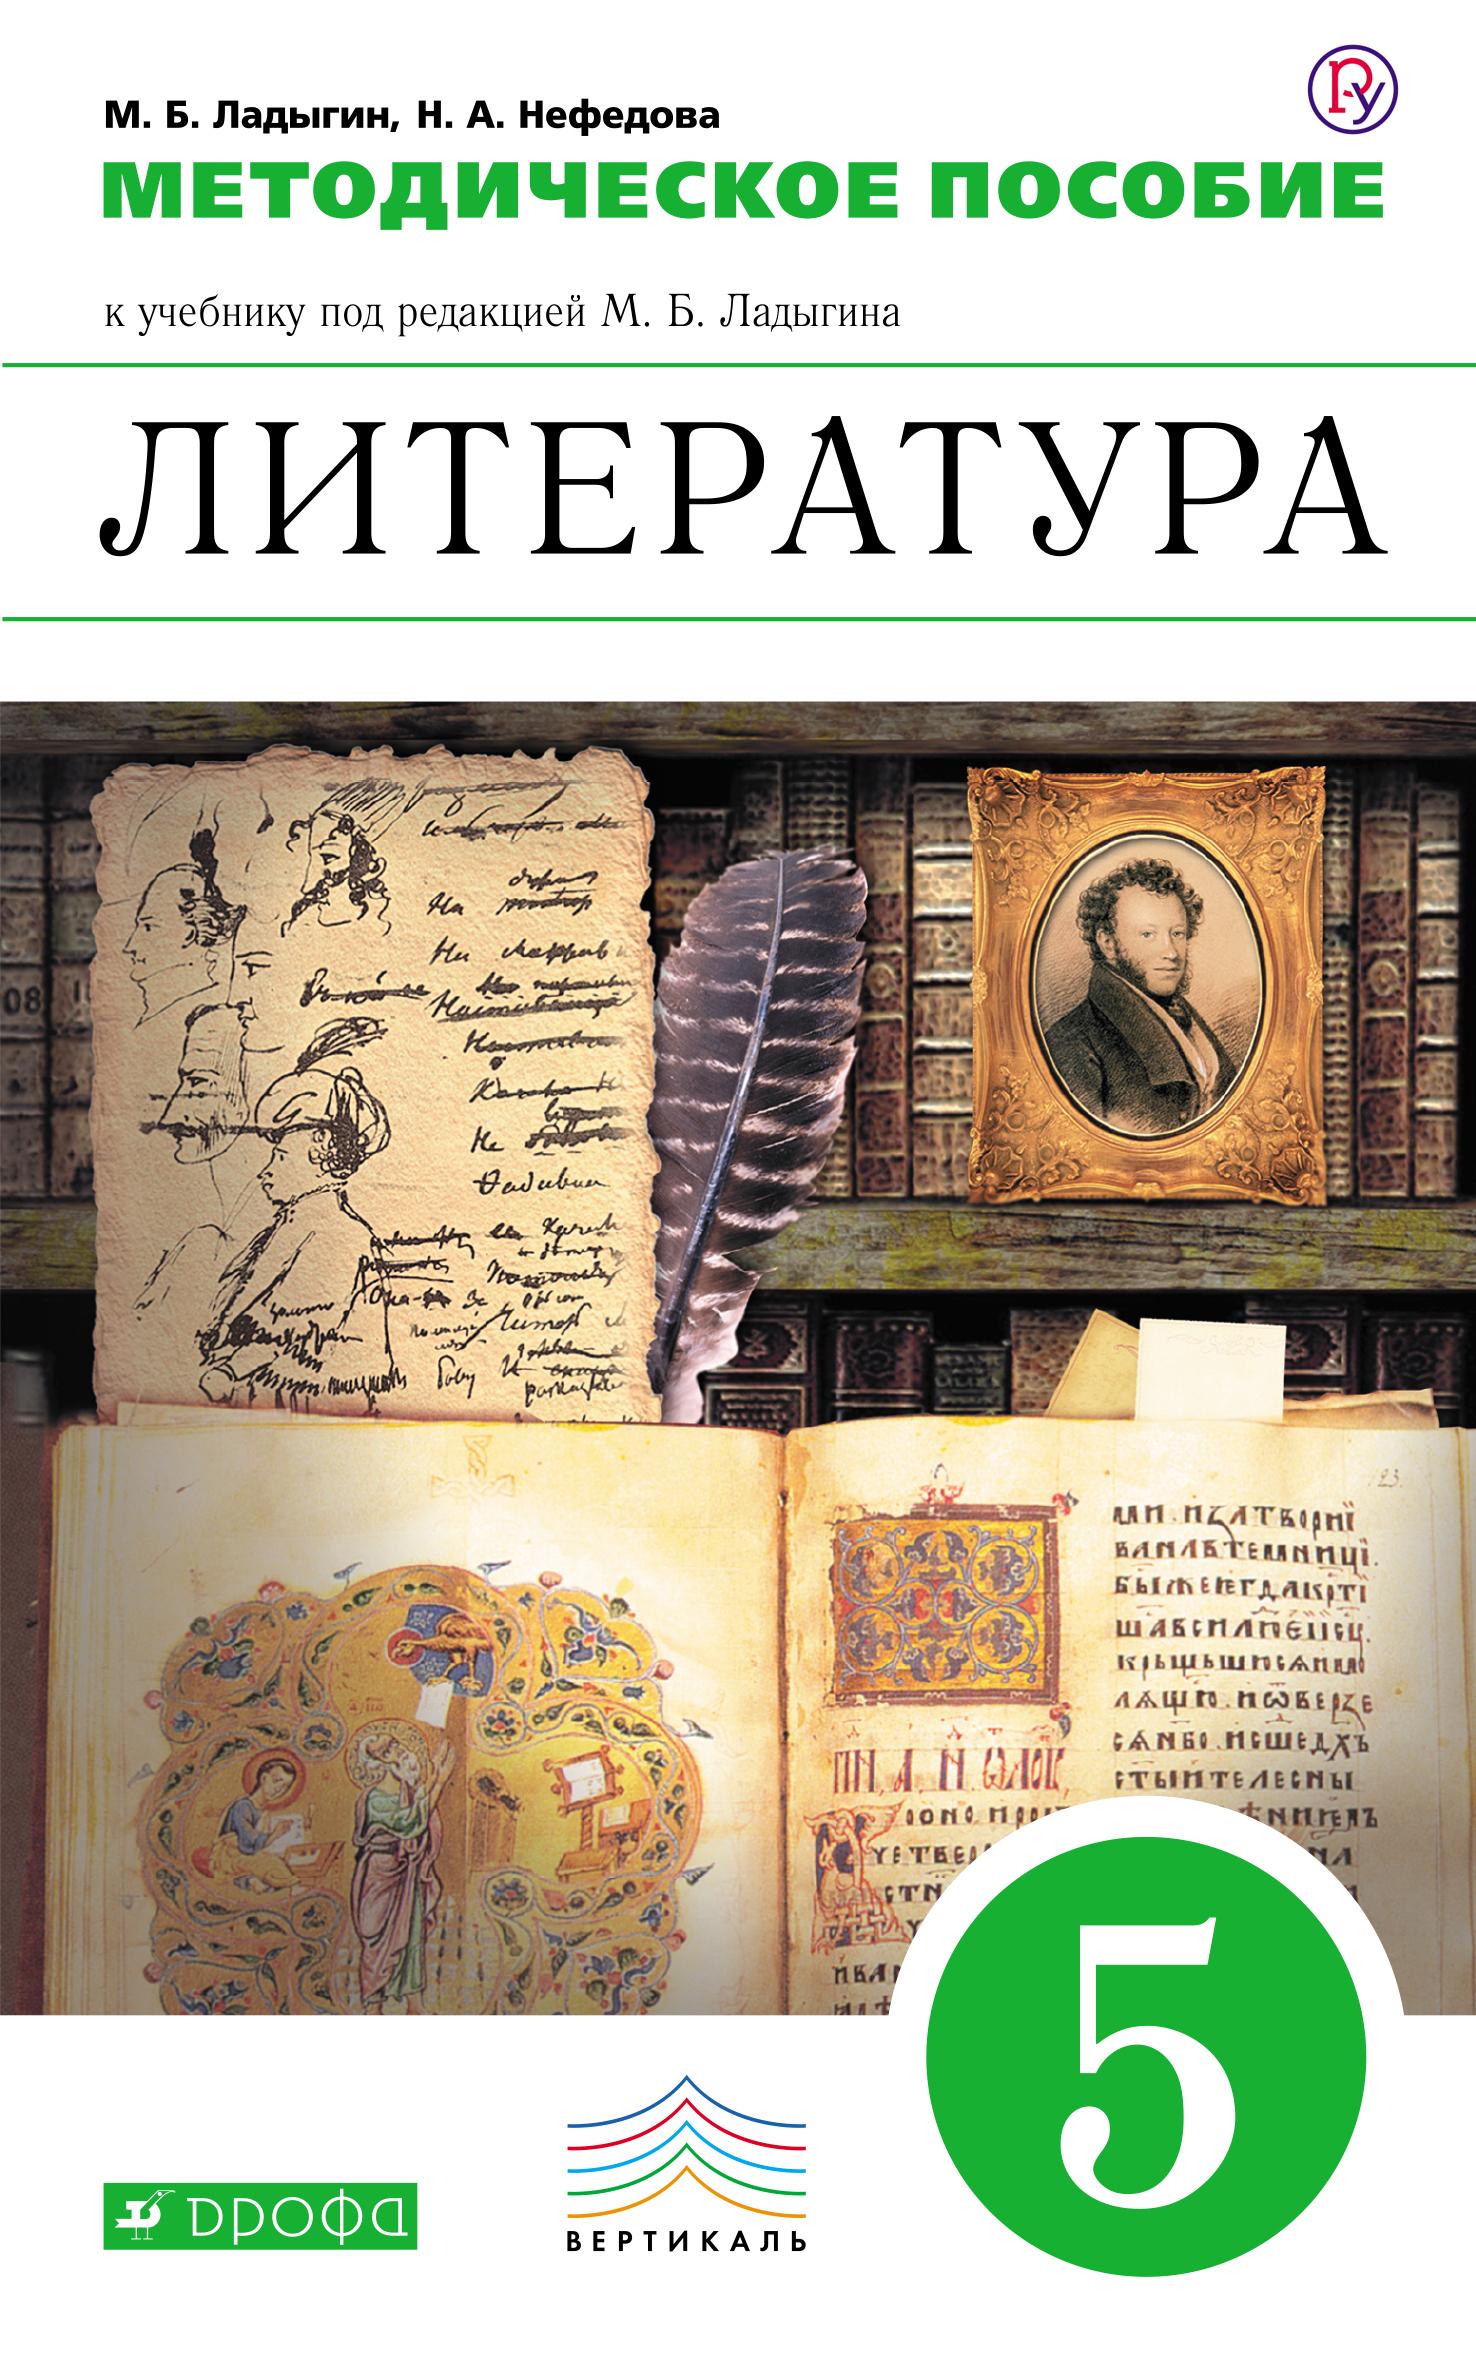 Ладыгин М.Б., Нефедова Н.А. Литература. Углубленное изучение. 5 класс. Методическое пособие